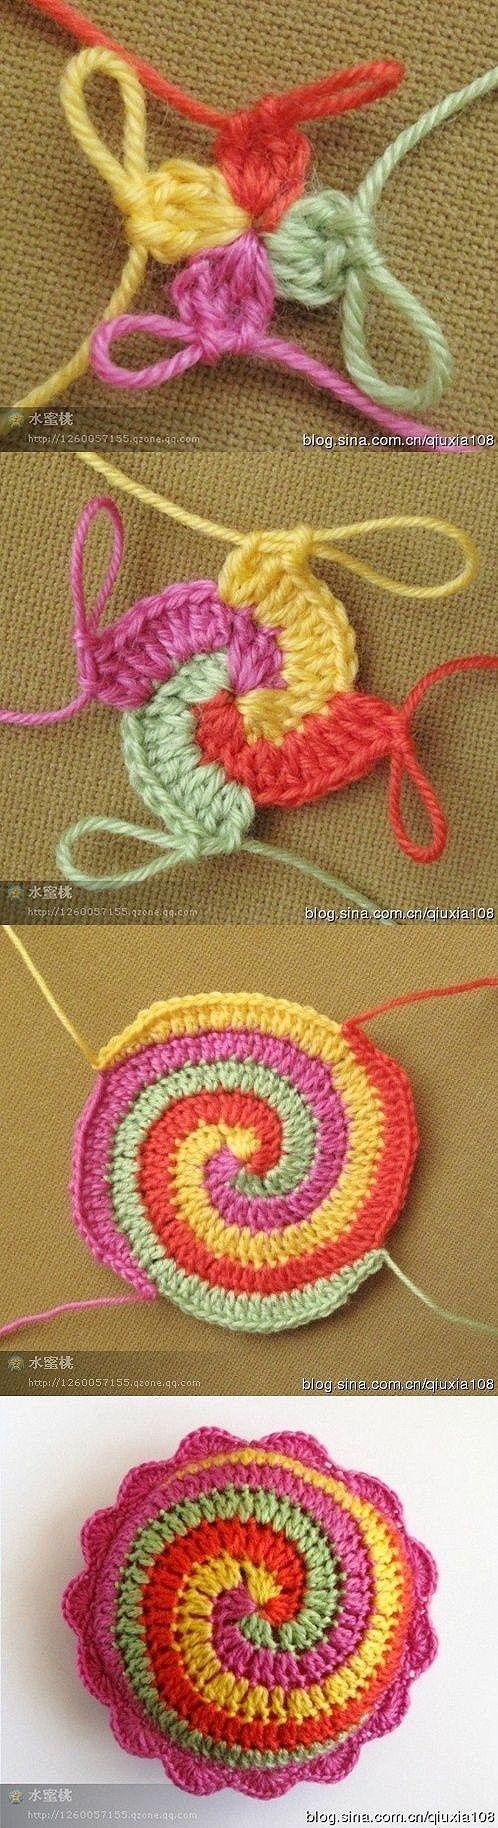 Espiral punto de ganchillo hecho a mano DIY